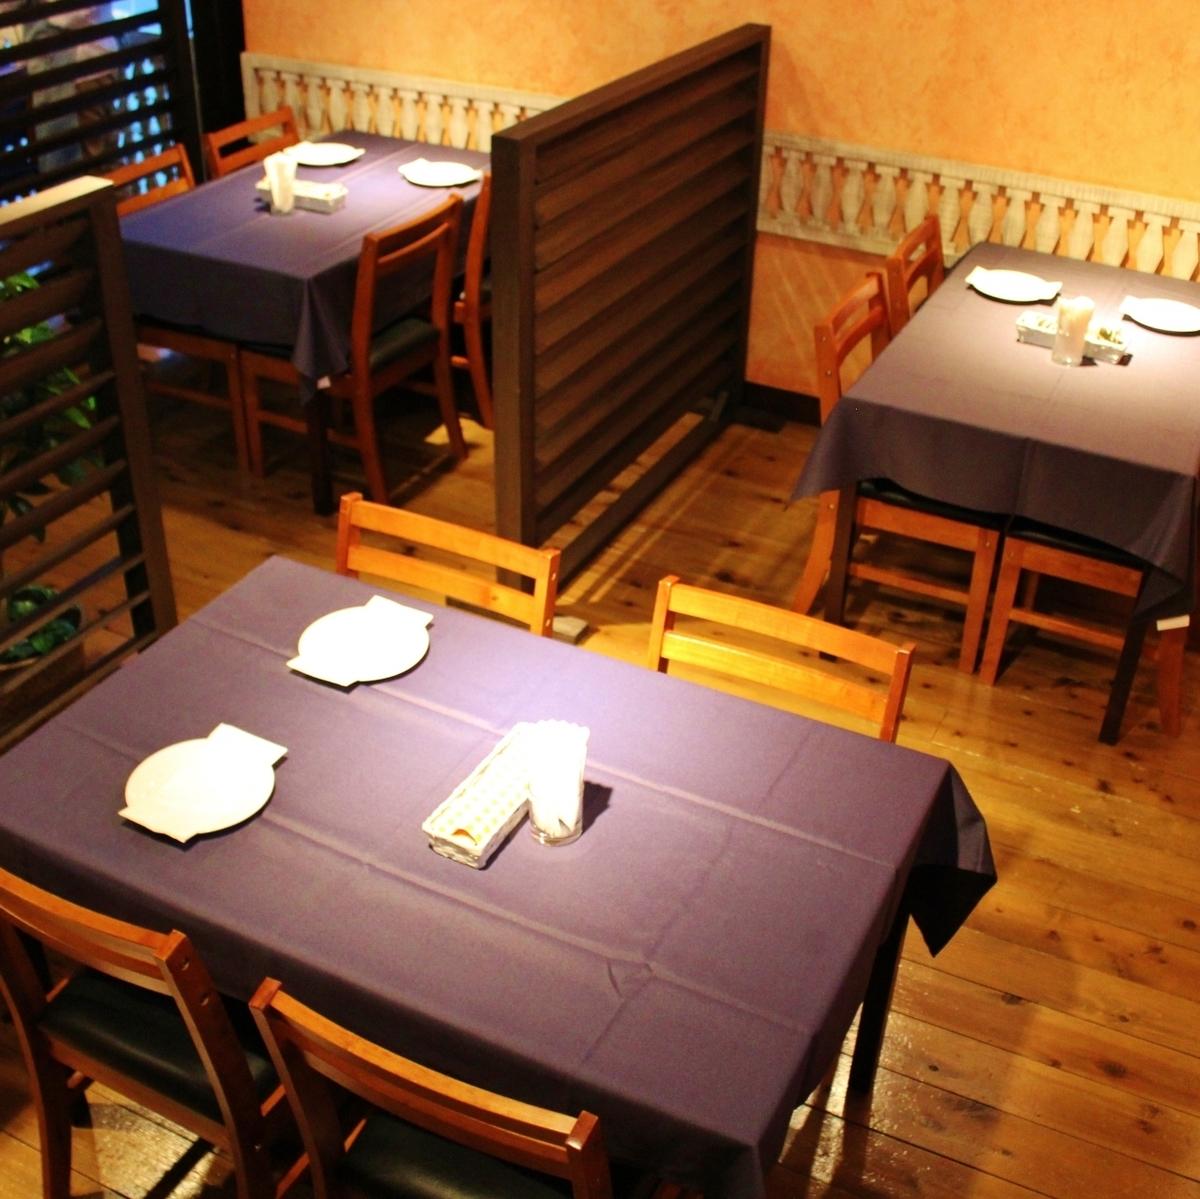 4人如果你用分区隔开桌子♪平静到半个单人间享受你的用餐。